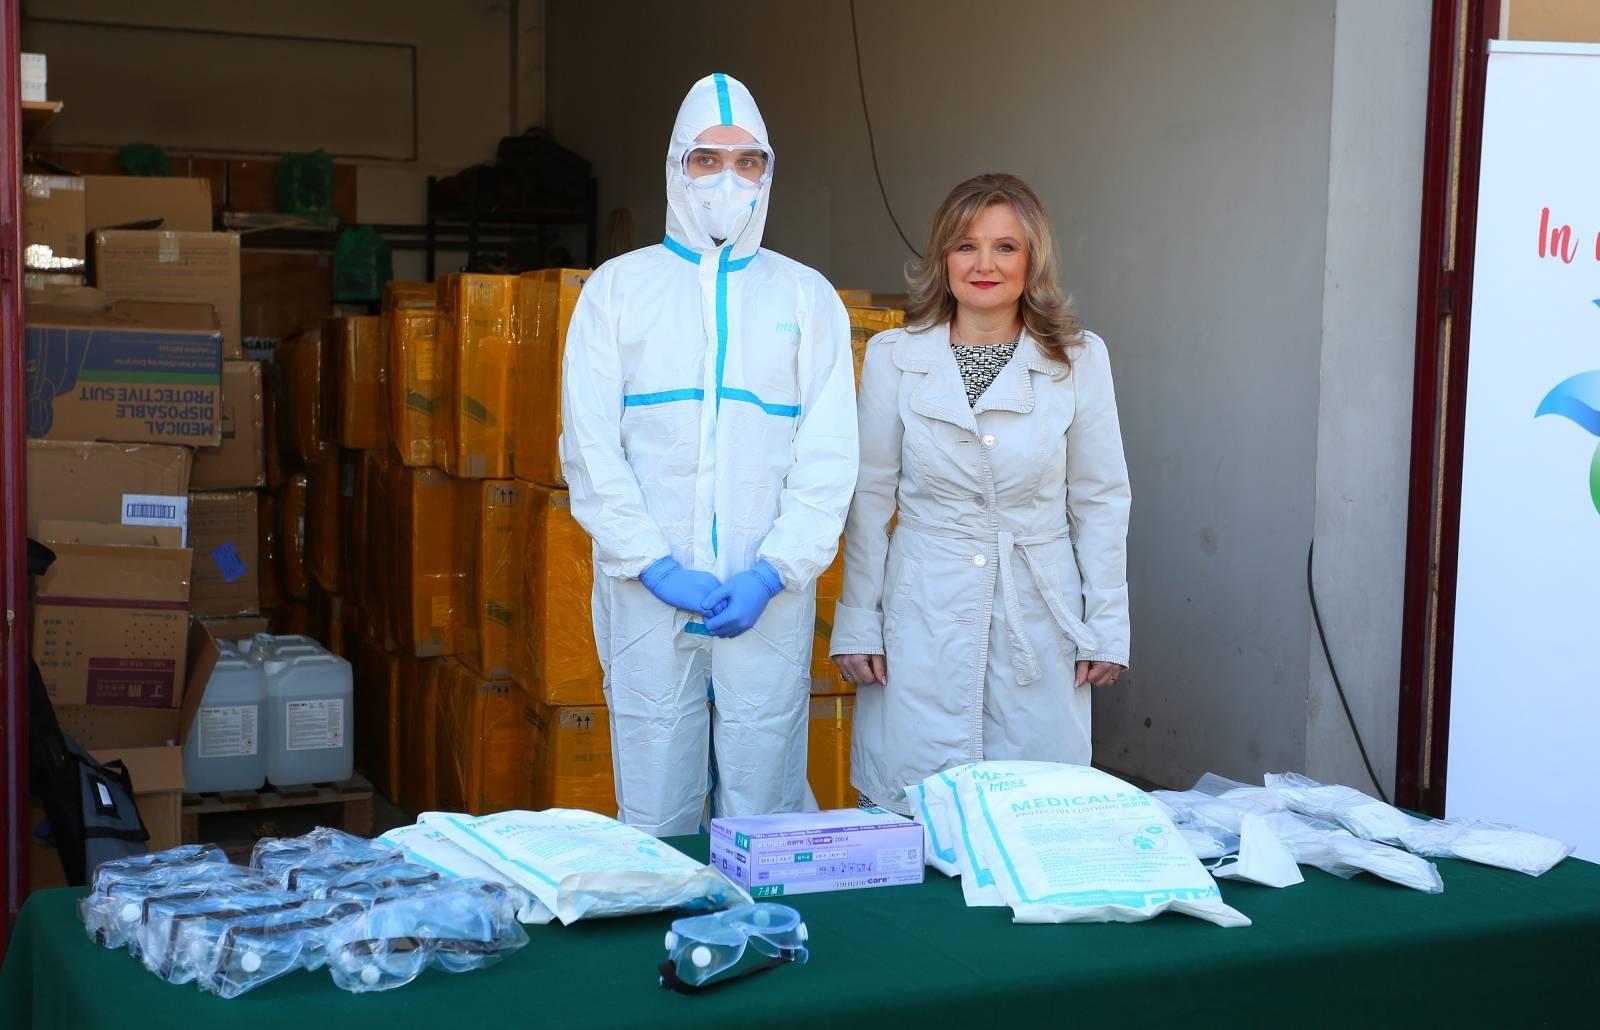 Stožer civilne zaštite Karlovačke županije predstavio medicinsku opremu vrijednu 2.2 milijuna kuna